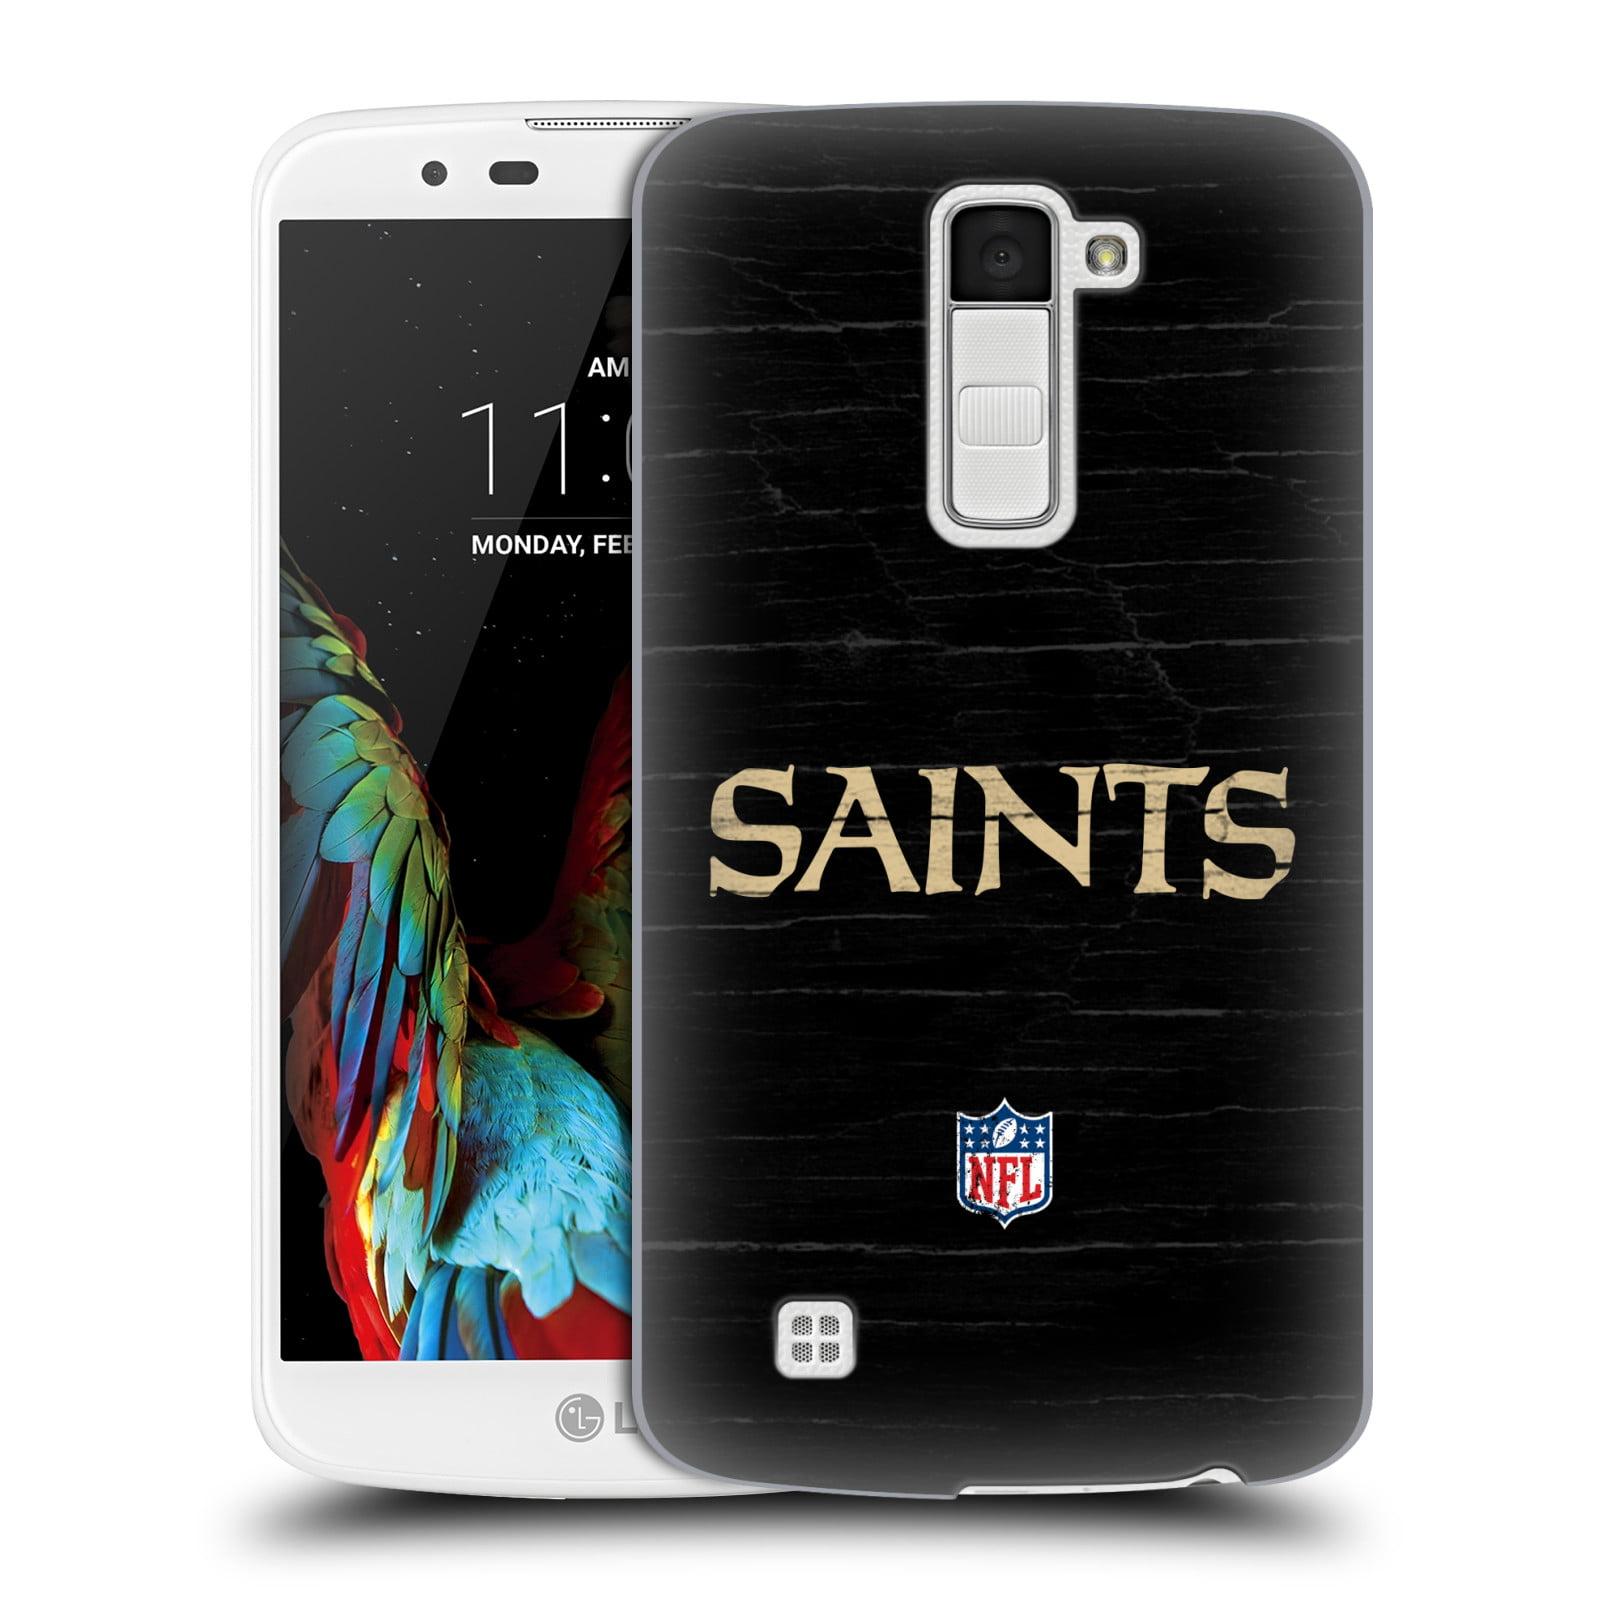 OFFICIAL NFL NEW ORLEANS SAINTS LOGO HARD BACK CASE FOR LG PHONES 3